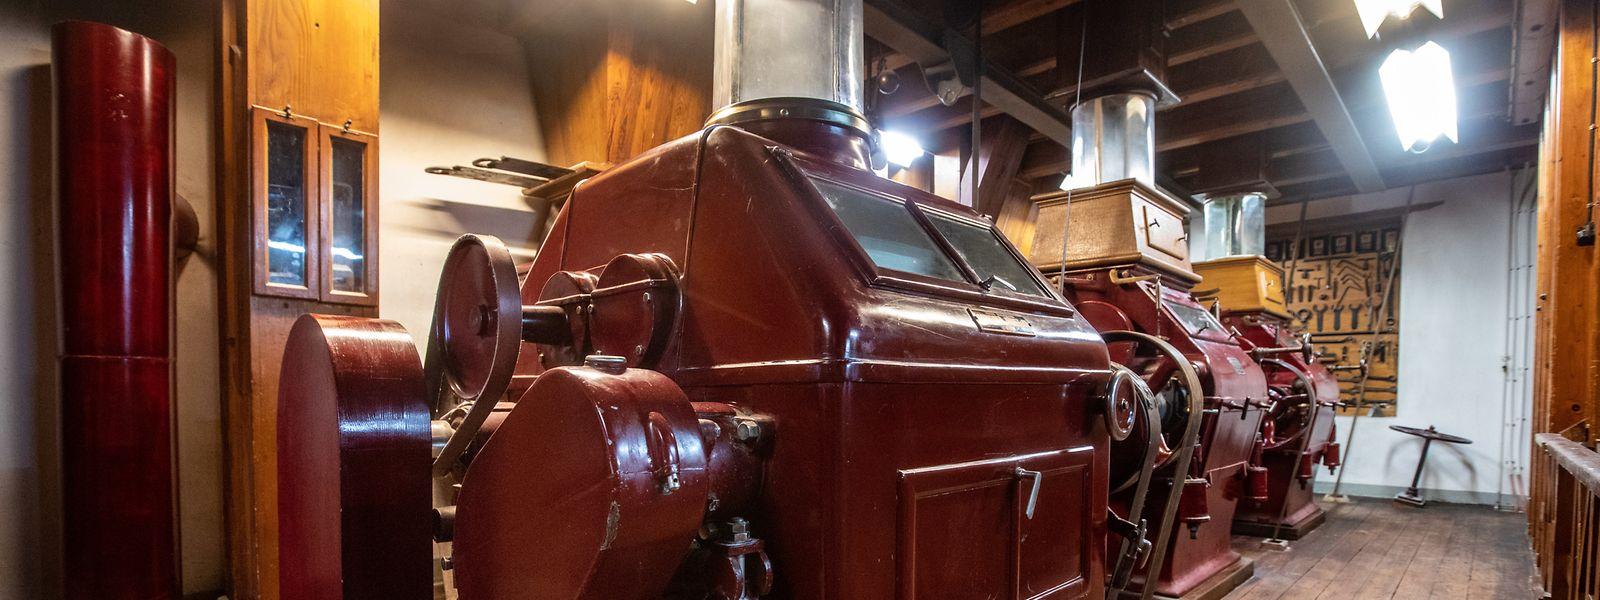 Die Maschinen einer Straßburger Mühlenbaufirma haben schon viele Jahrzehnte auf dem Buckel, sind aber noch funktionstüchtig.